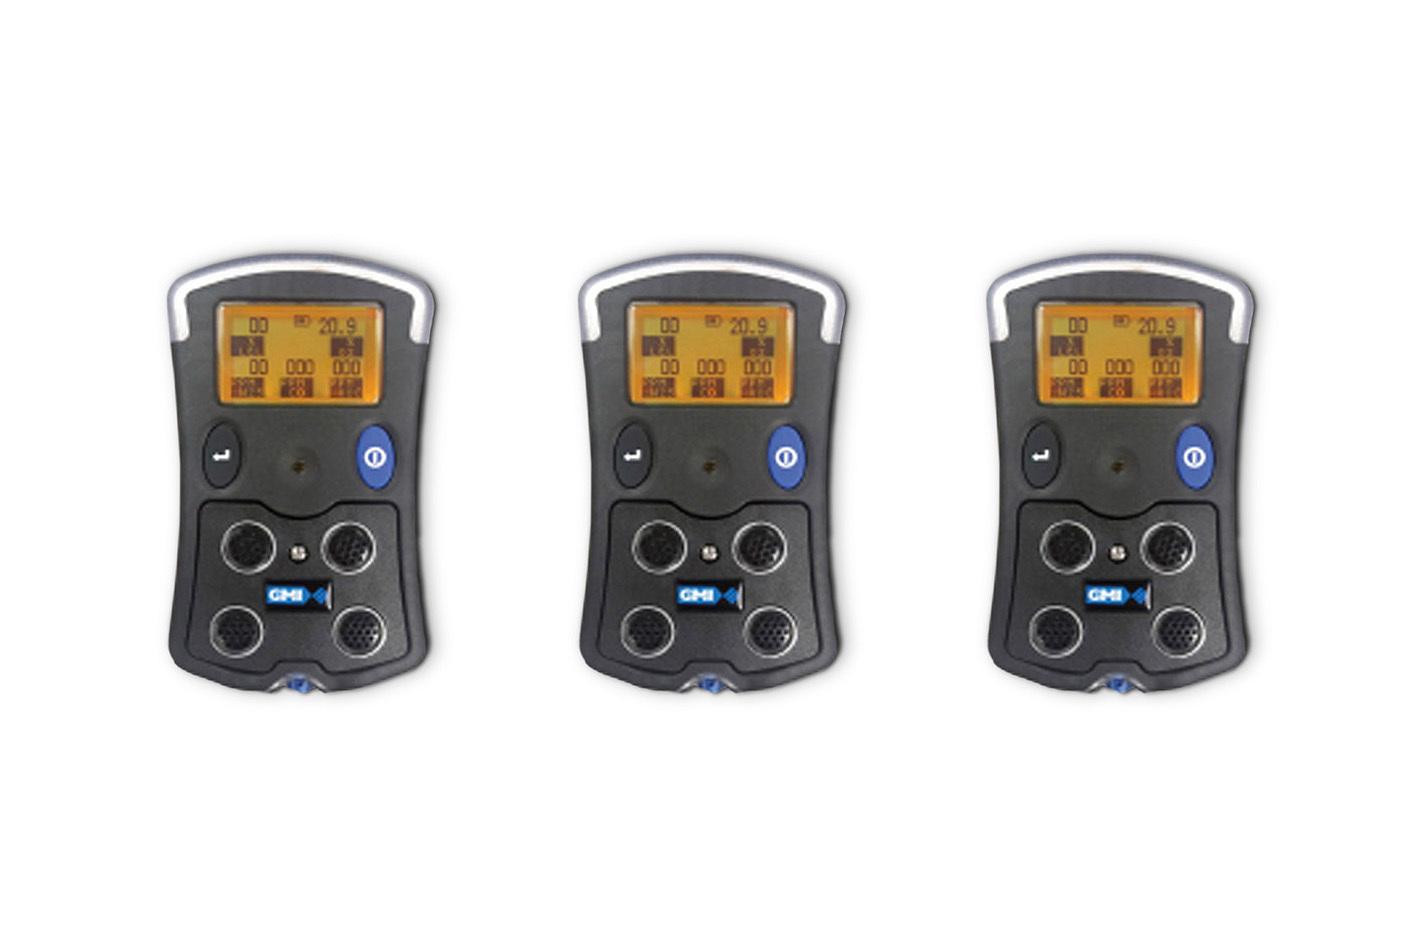 Monitex P55 Portable Gas Monitor